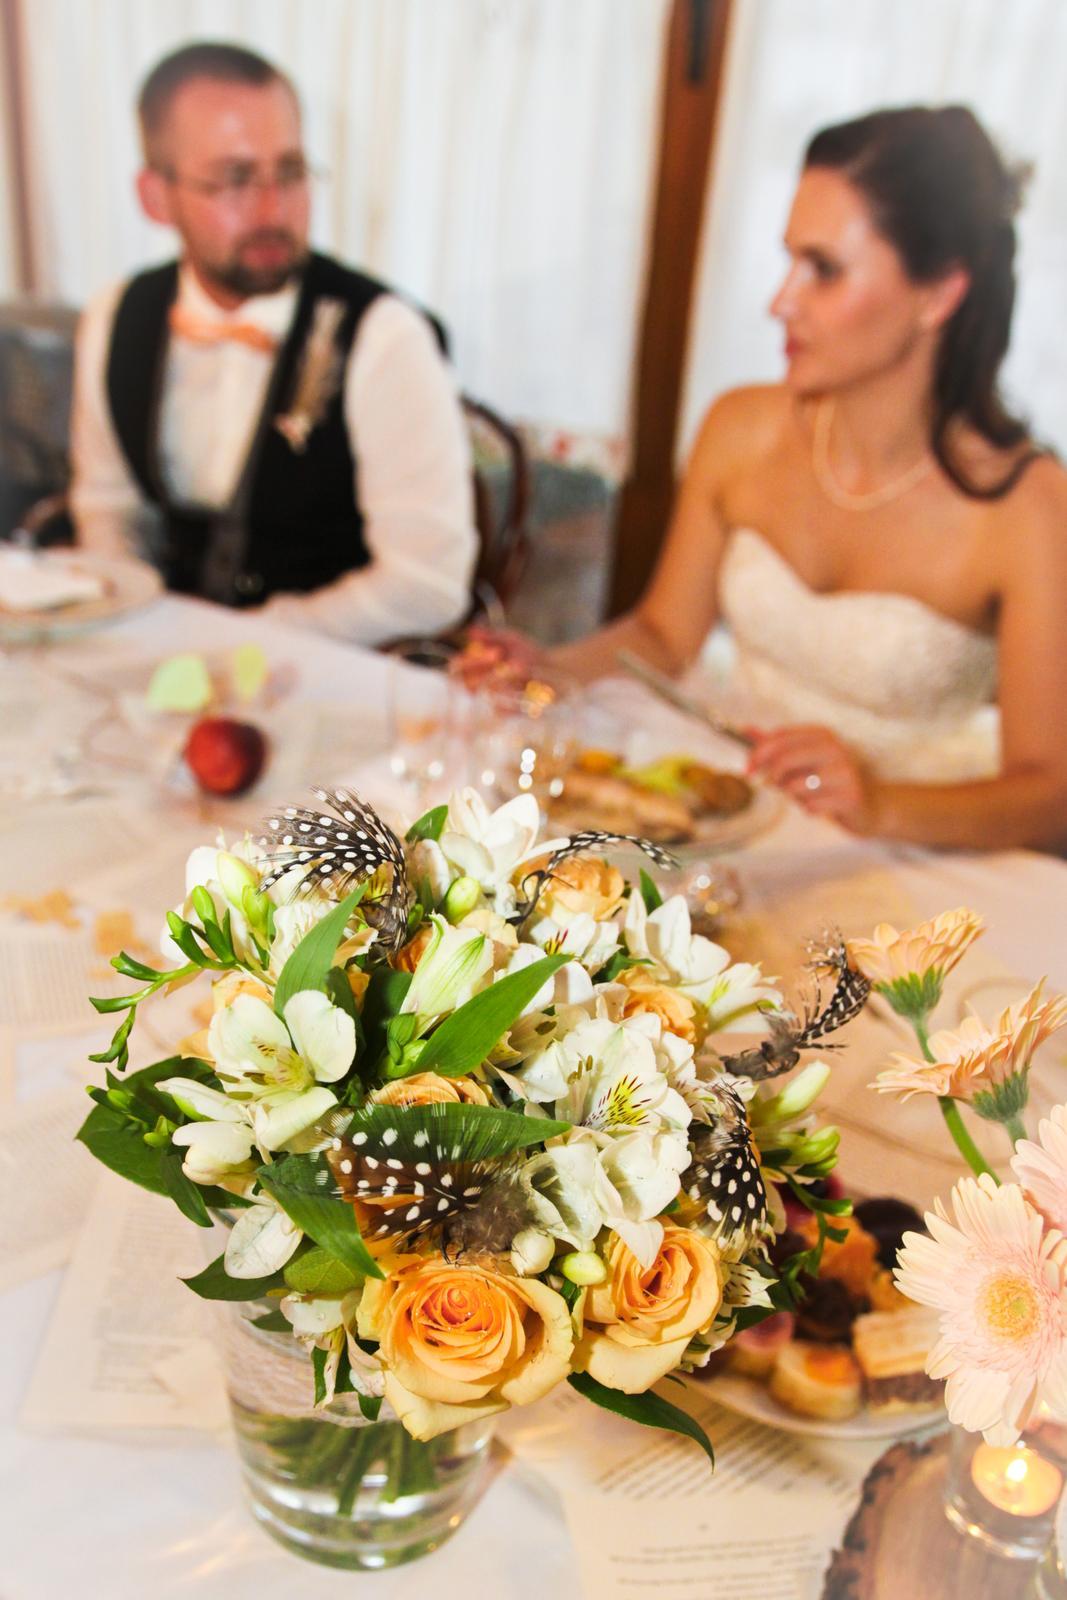 Nikol{{_AND_}}Ľudko - svadobnú kyticu mal v réžii môj svedok Tomáš, dostala som ju do daru :) bola nádherná! :)